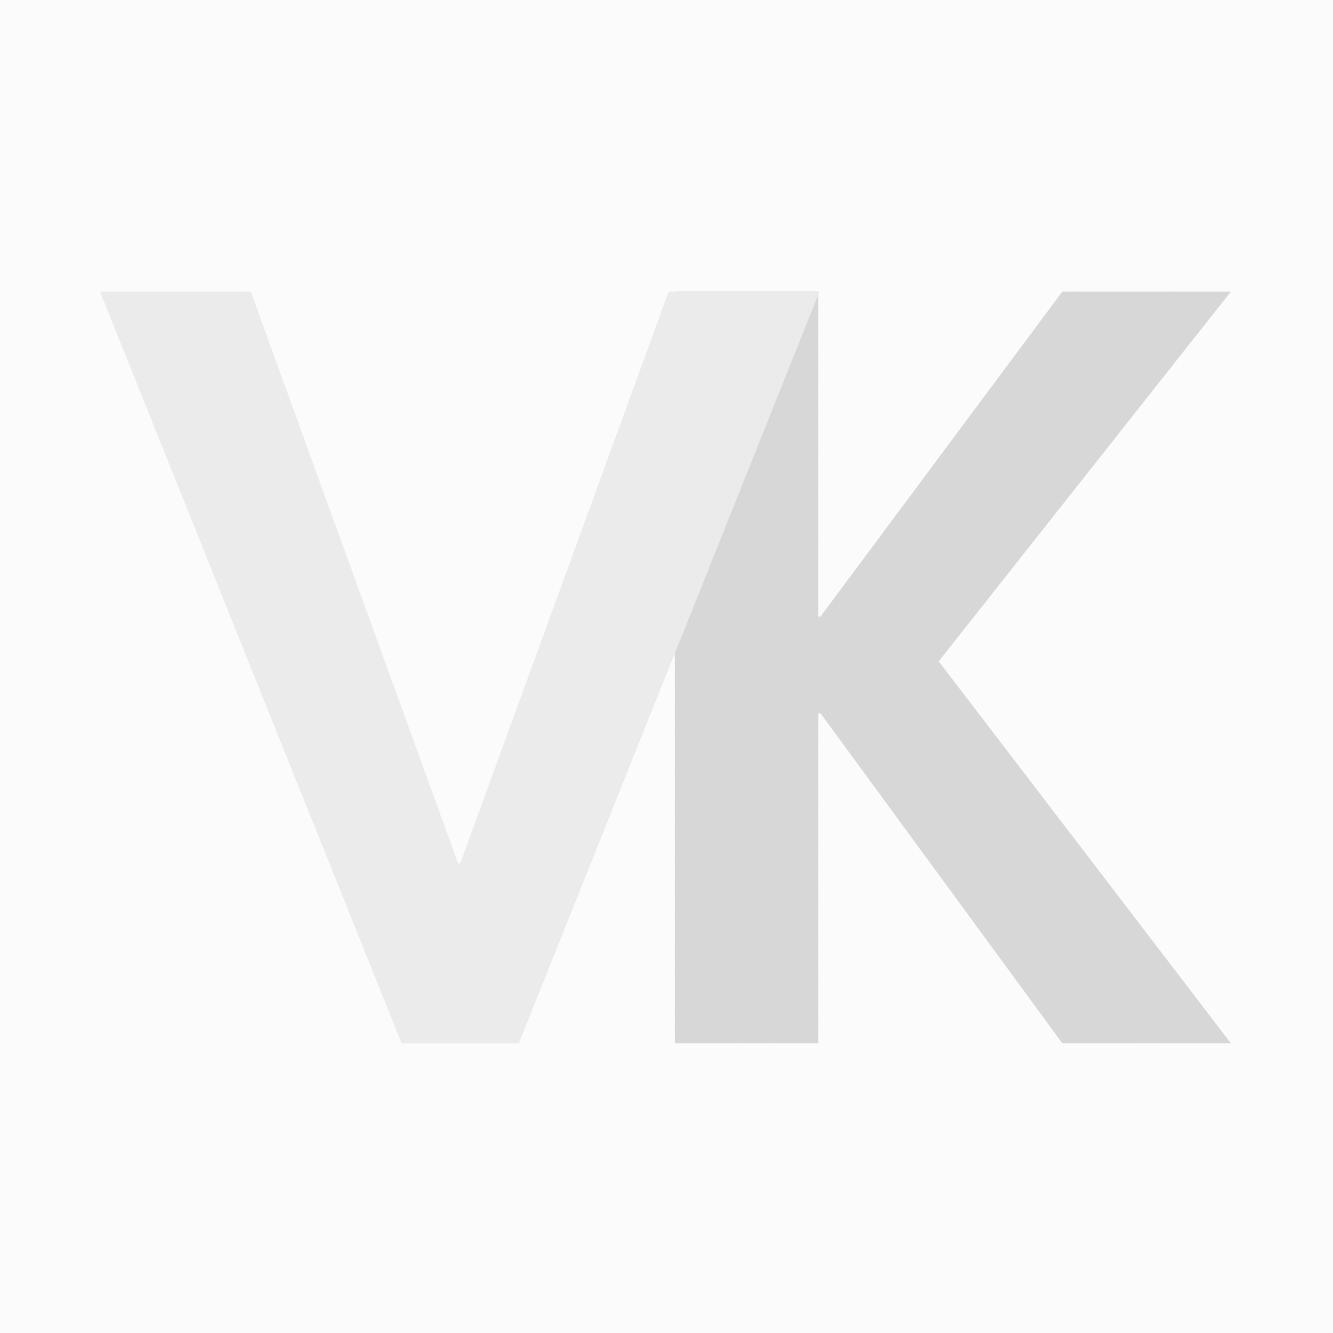 Kaplaken Zwart met Tekst Set 3 Stuks, Voordeelpakket